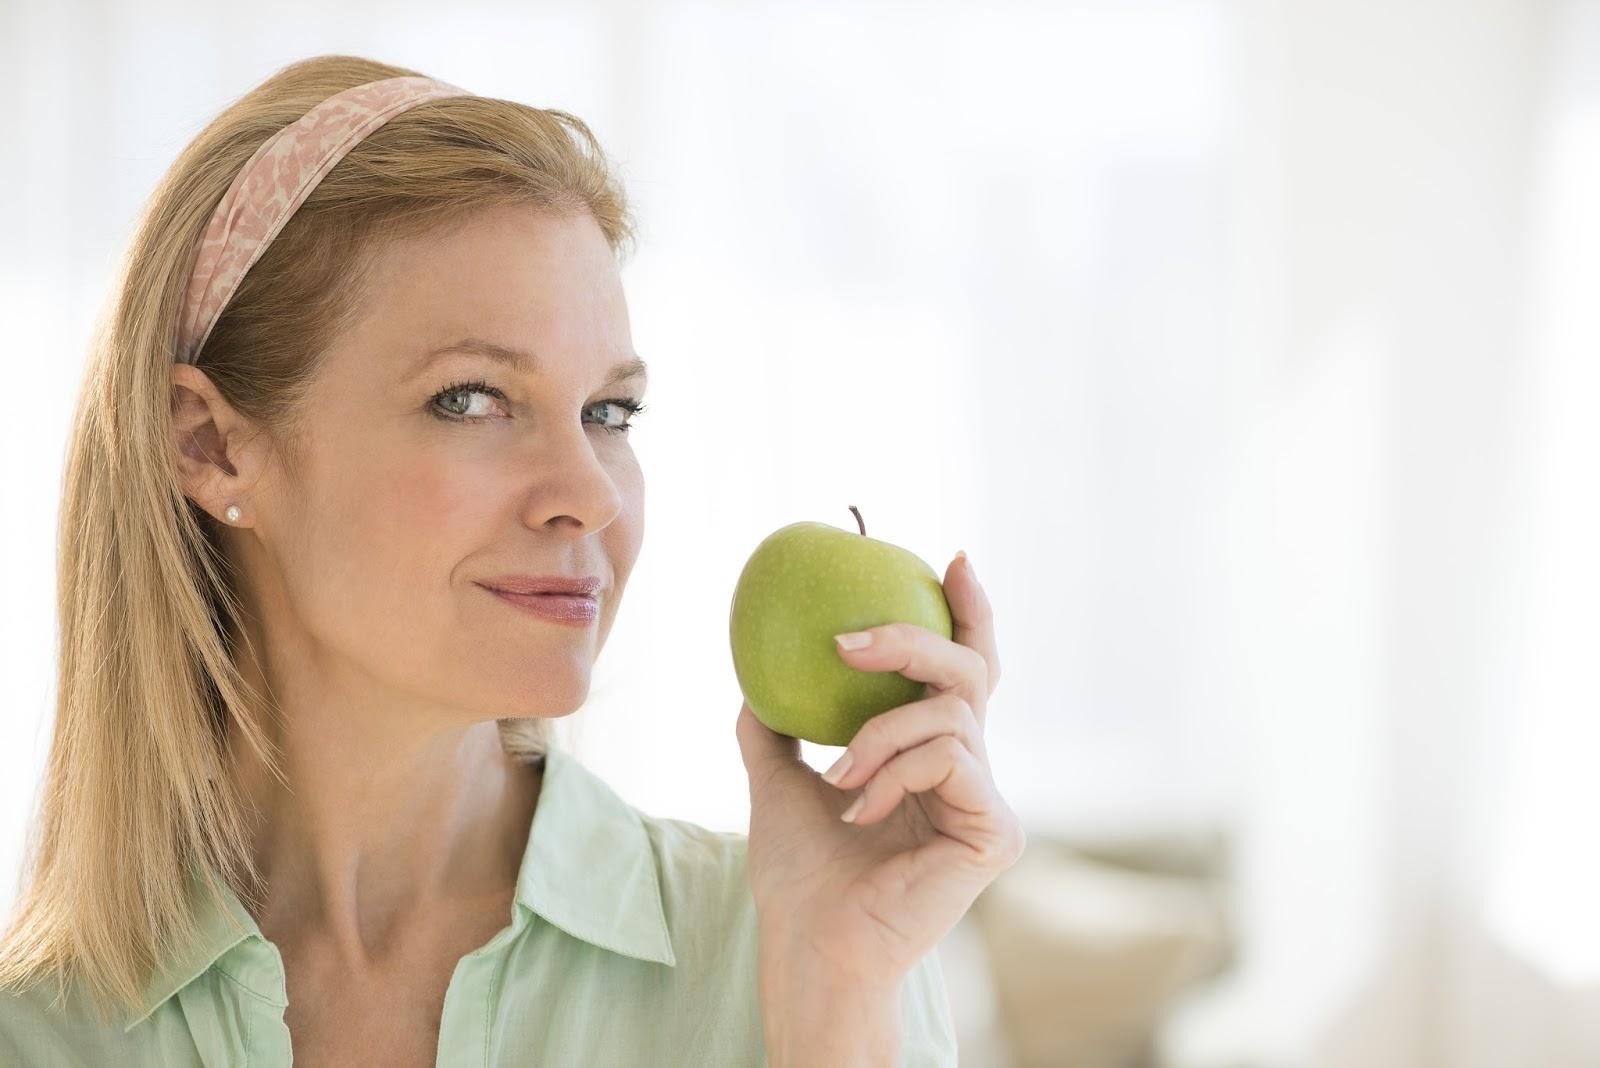 Dicas contra problemas de saúde das mulheres usando a alimentação